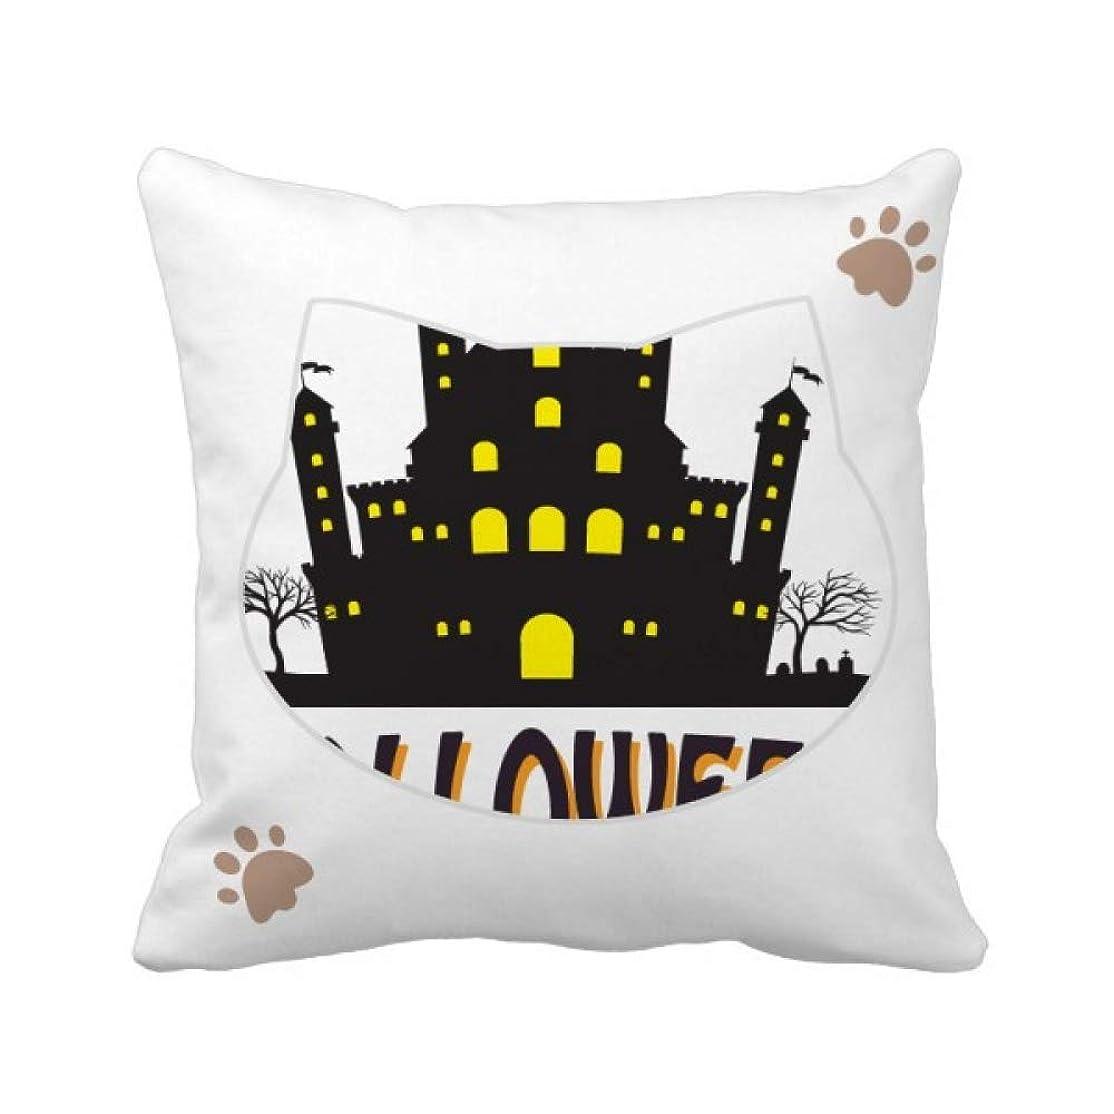 あいまいさ凍った報復ハロウィンの明るく照らされた城 枕カバーを放り投げる猫広場 50cm x 50cm